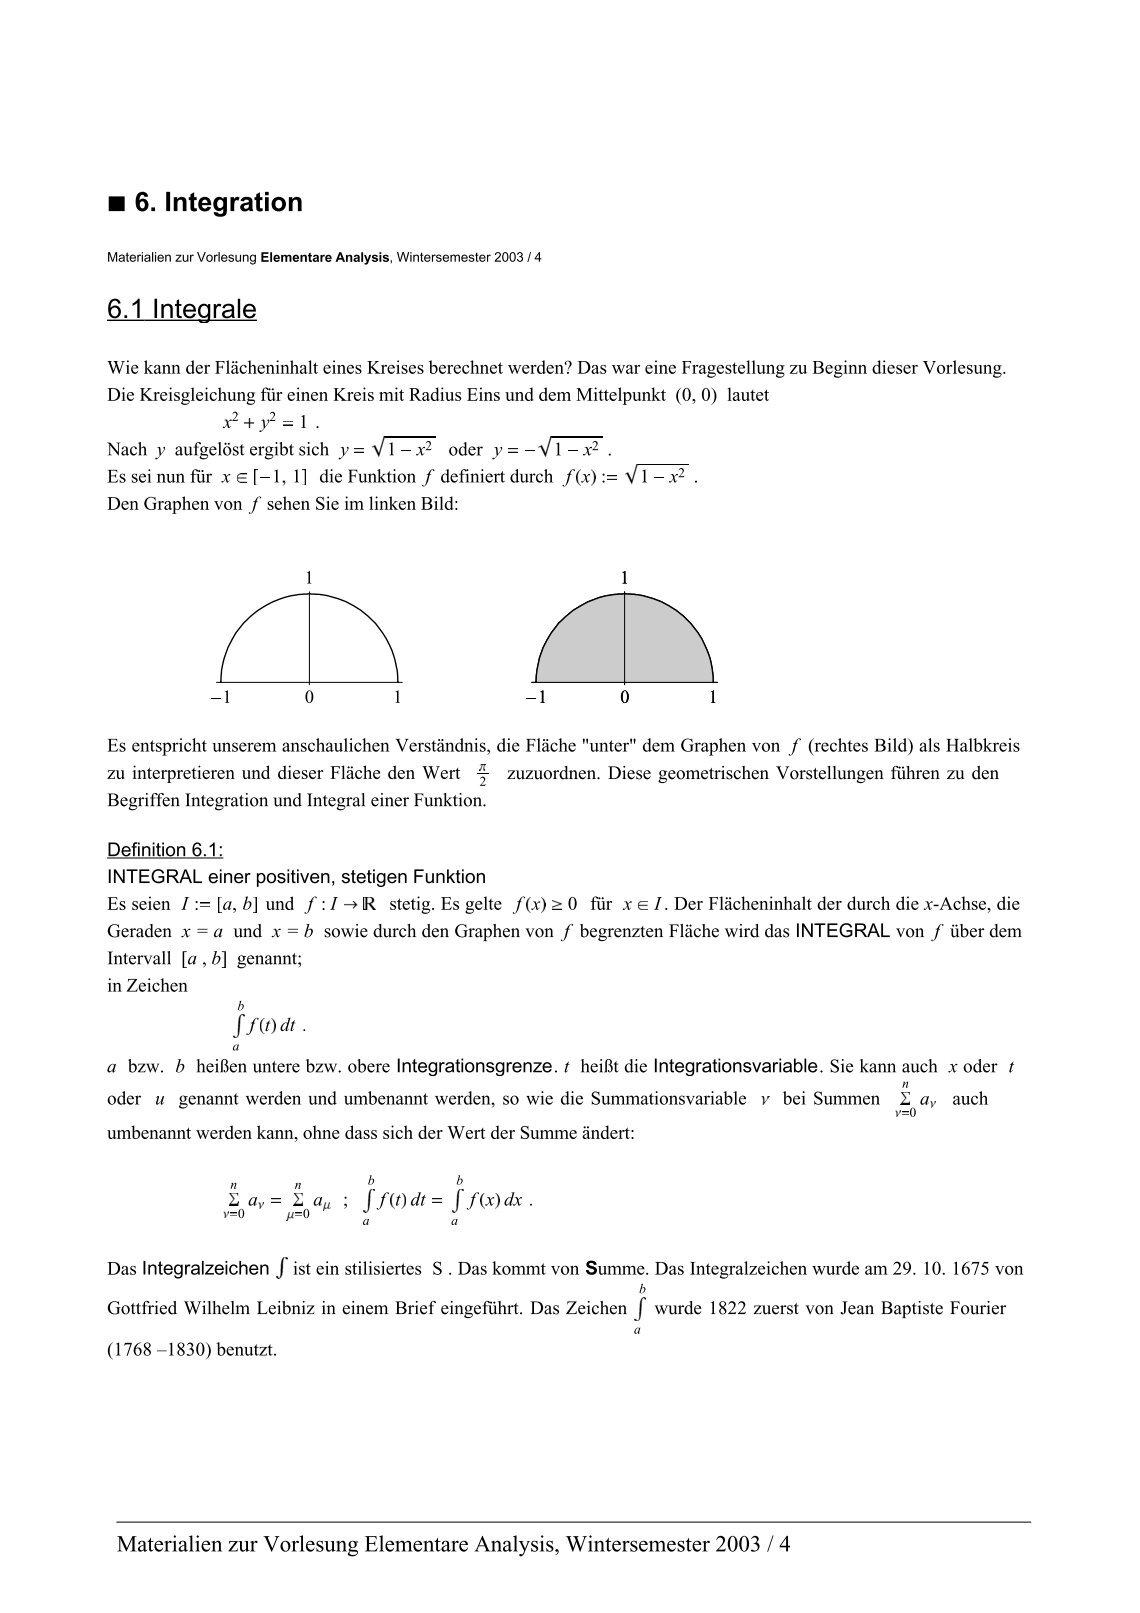 Ziemlich Funktionen Algebra 1 Arbeitsblatt Bilder - Gemischte ...